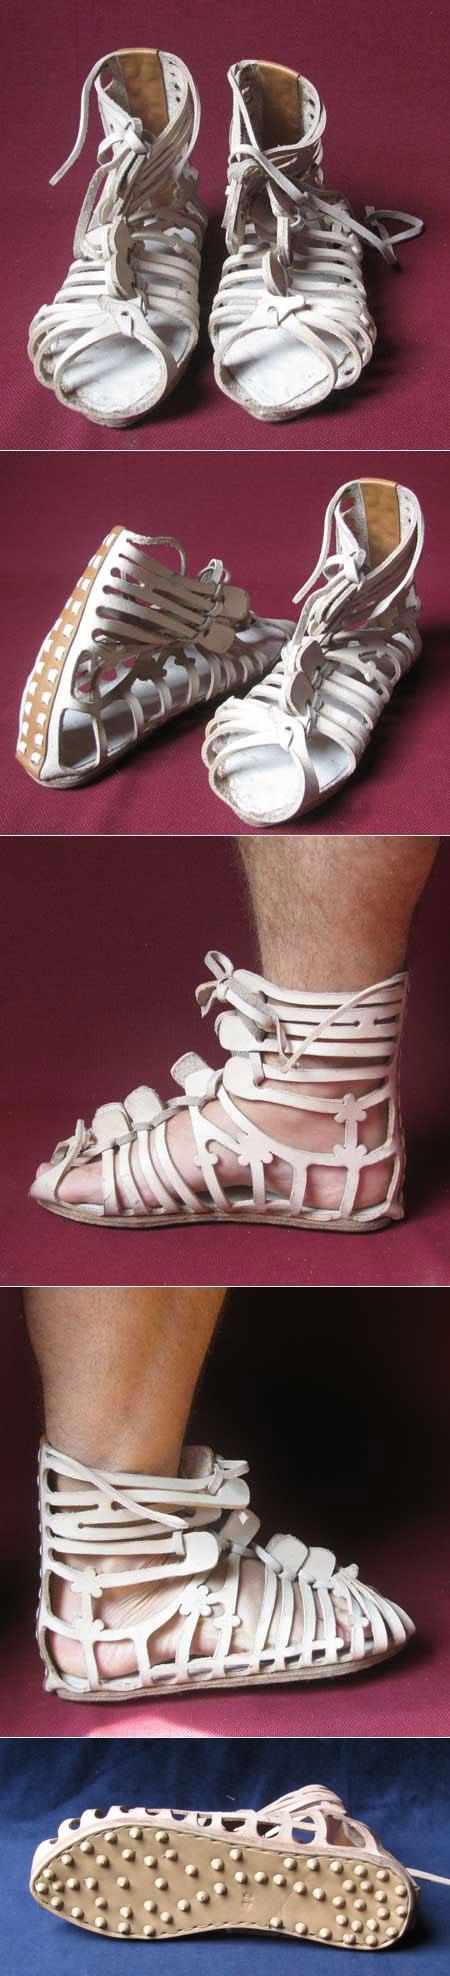 Roman Sandals (Caligae)